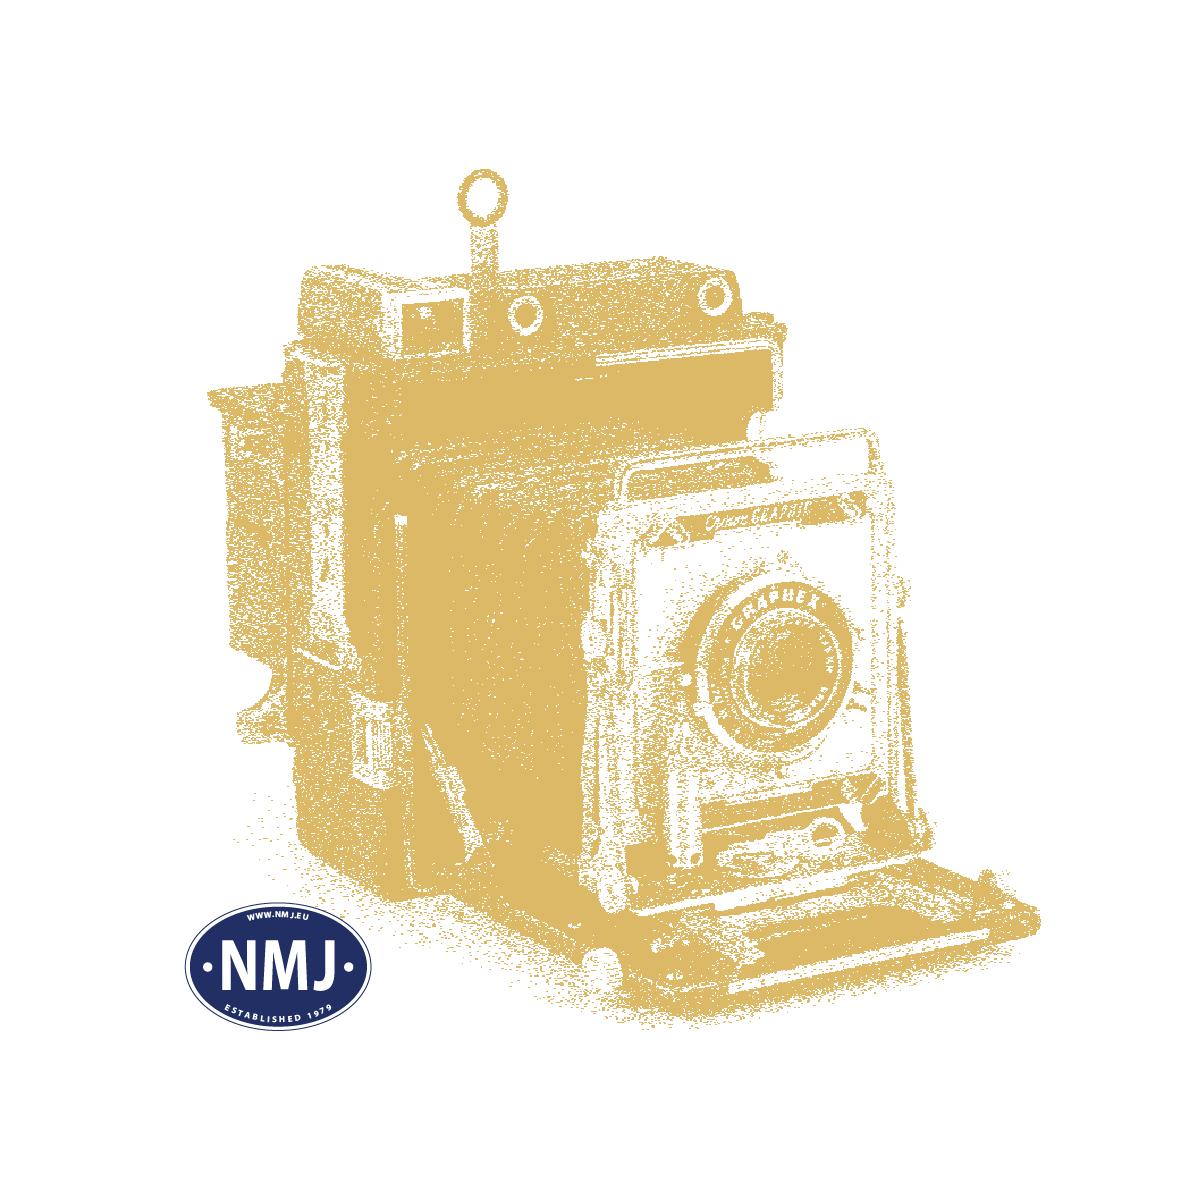 NMJH16105 - NMJ Skyline Modell eines NSB Halteplatzes, Bausatz